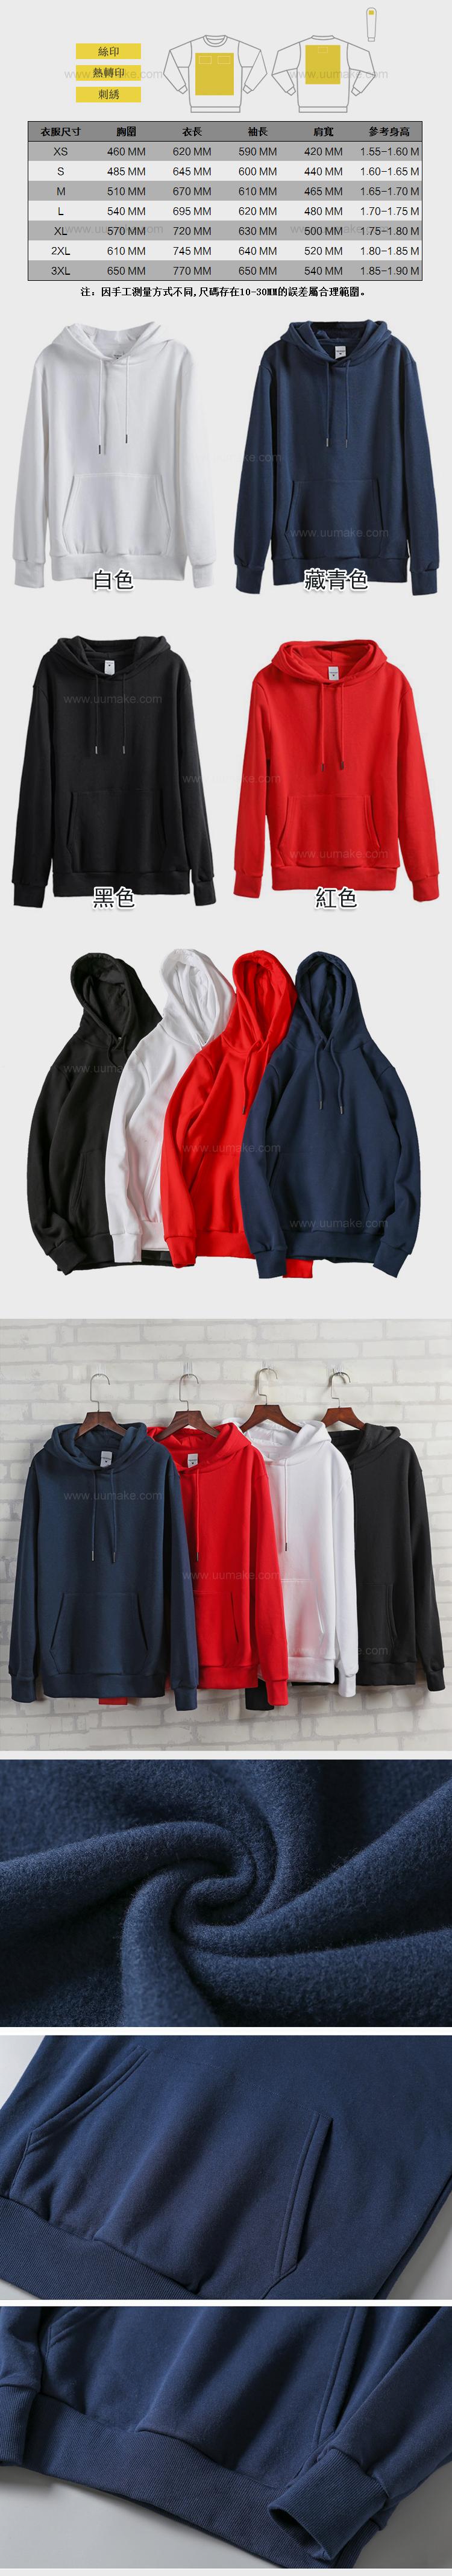 純色圓領T恤,廣告短袖衫,長袖衫,外套,T恤,廣告禮品,促銷禮品,贈品,訂造,定做,批發,插袋帶帽衛衣